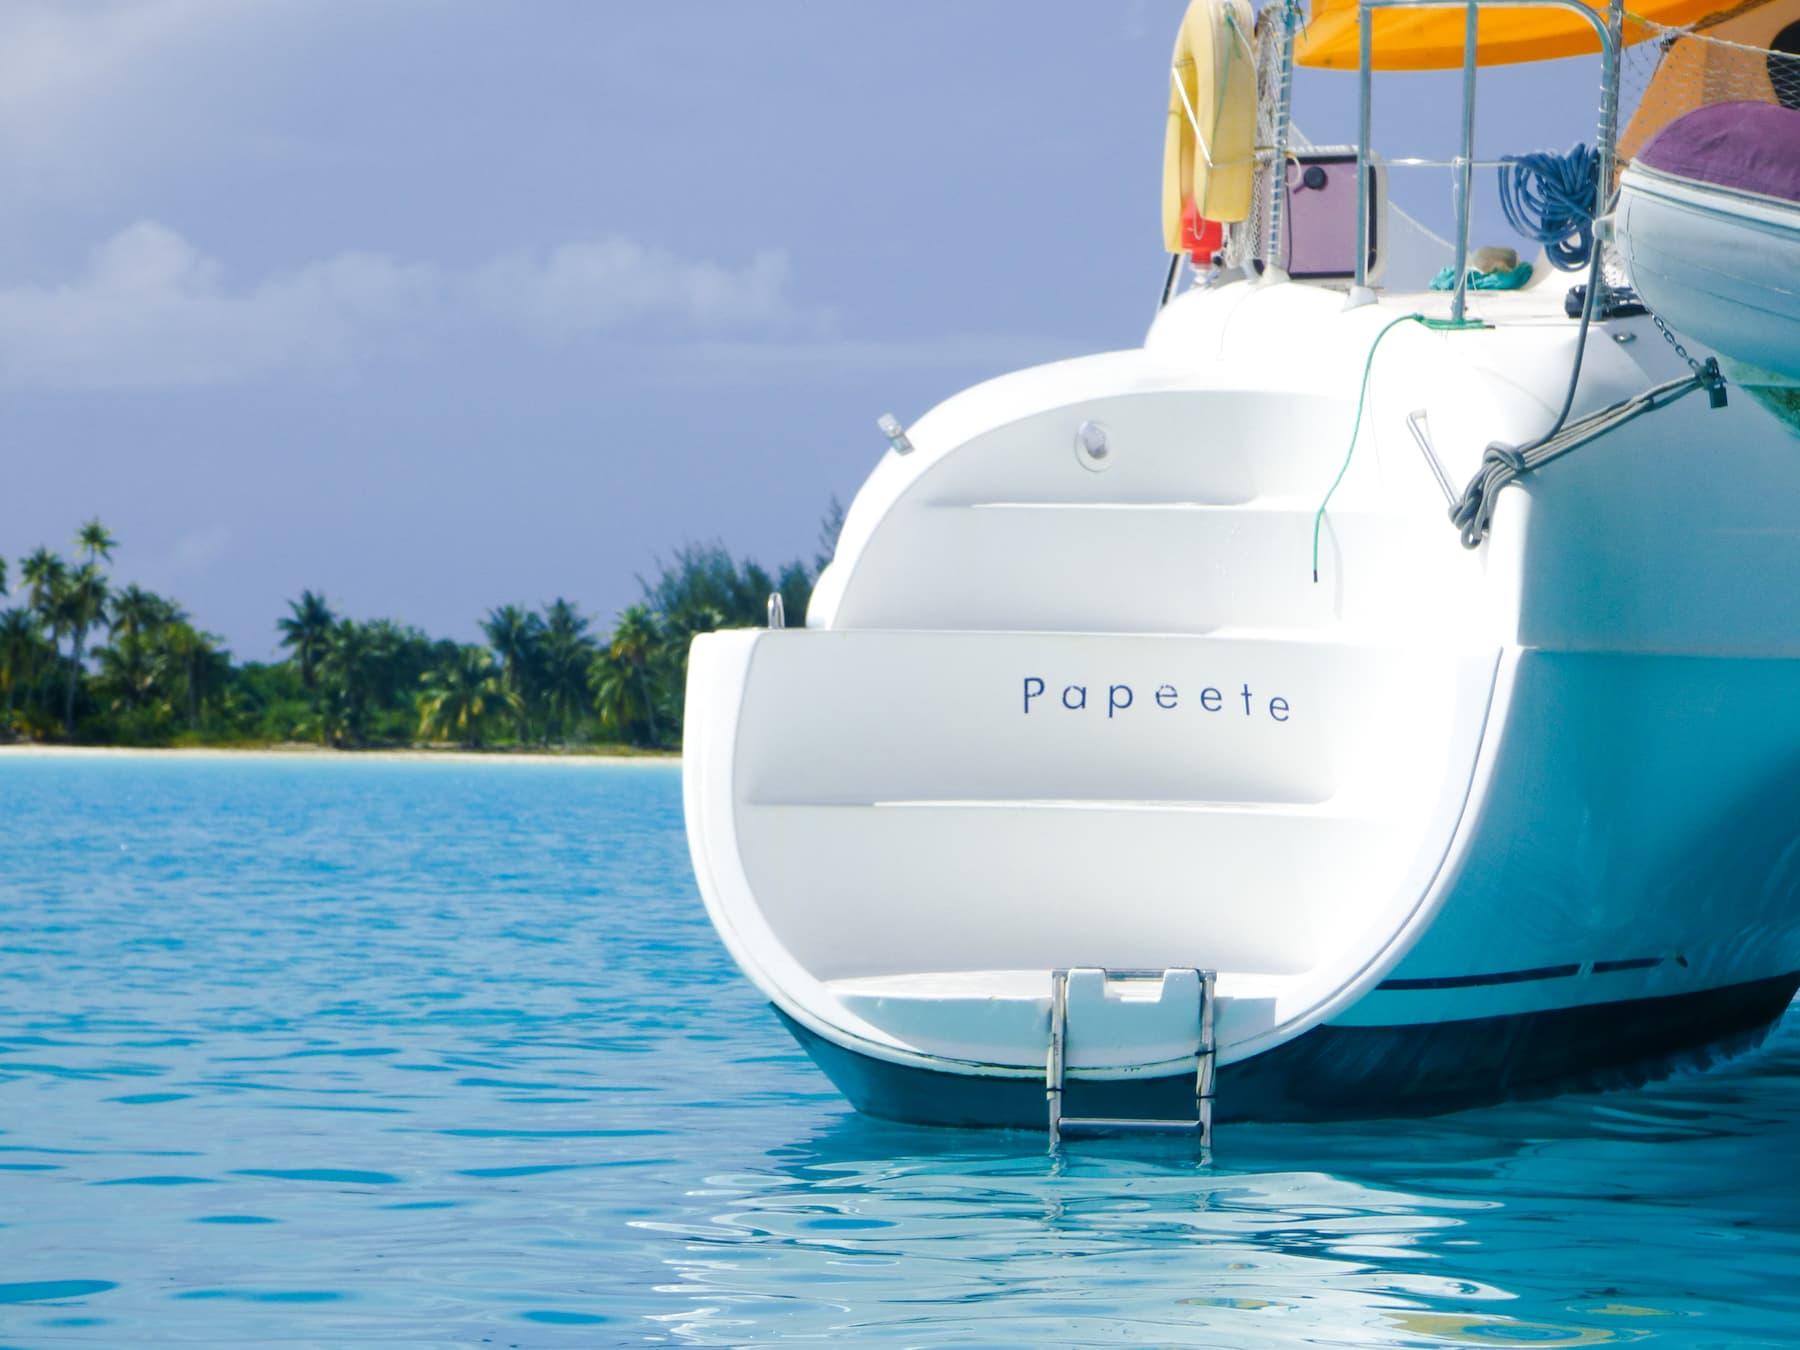 https://tahititourisme.cl/wp-content/uploads/2017/08/bateau-tlc-modif-12.jpg